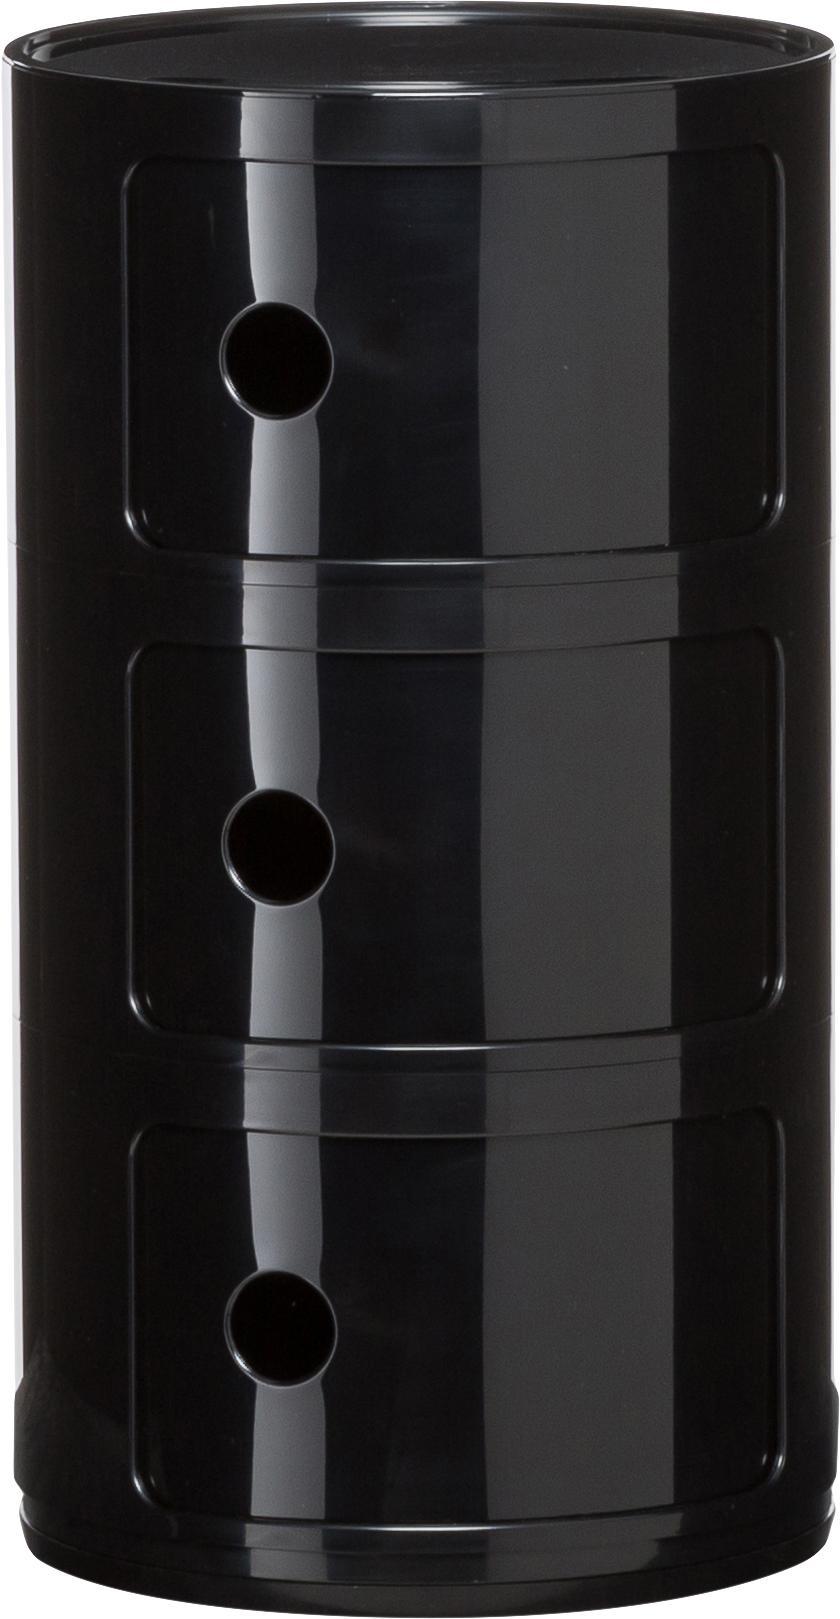 Bijzettafel Componibile, Kunststof, Glanzend zwart, Ø 32 x H 59 cm